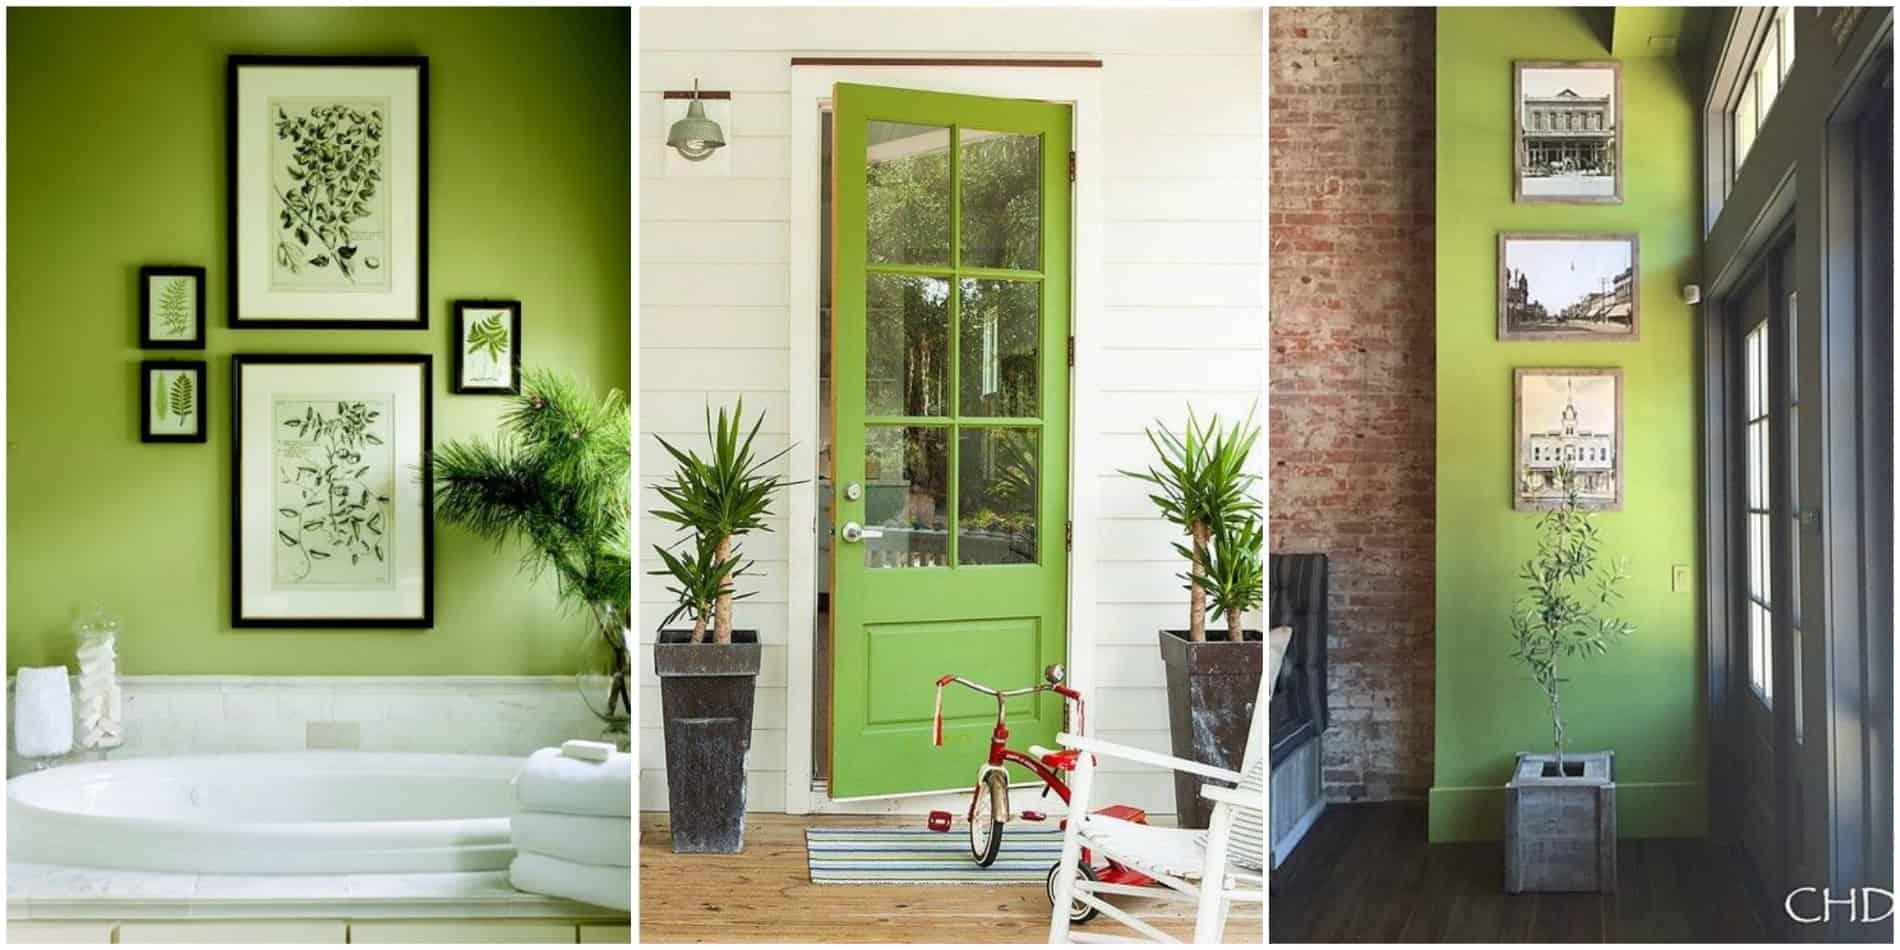 Cool dipingere le pareti di casa foto pantone il sar - Colorare pareti casa ...